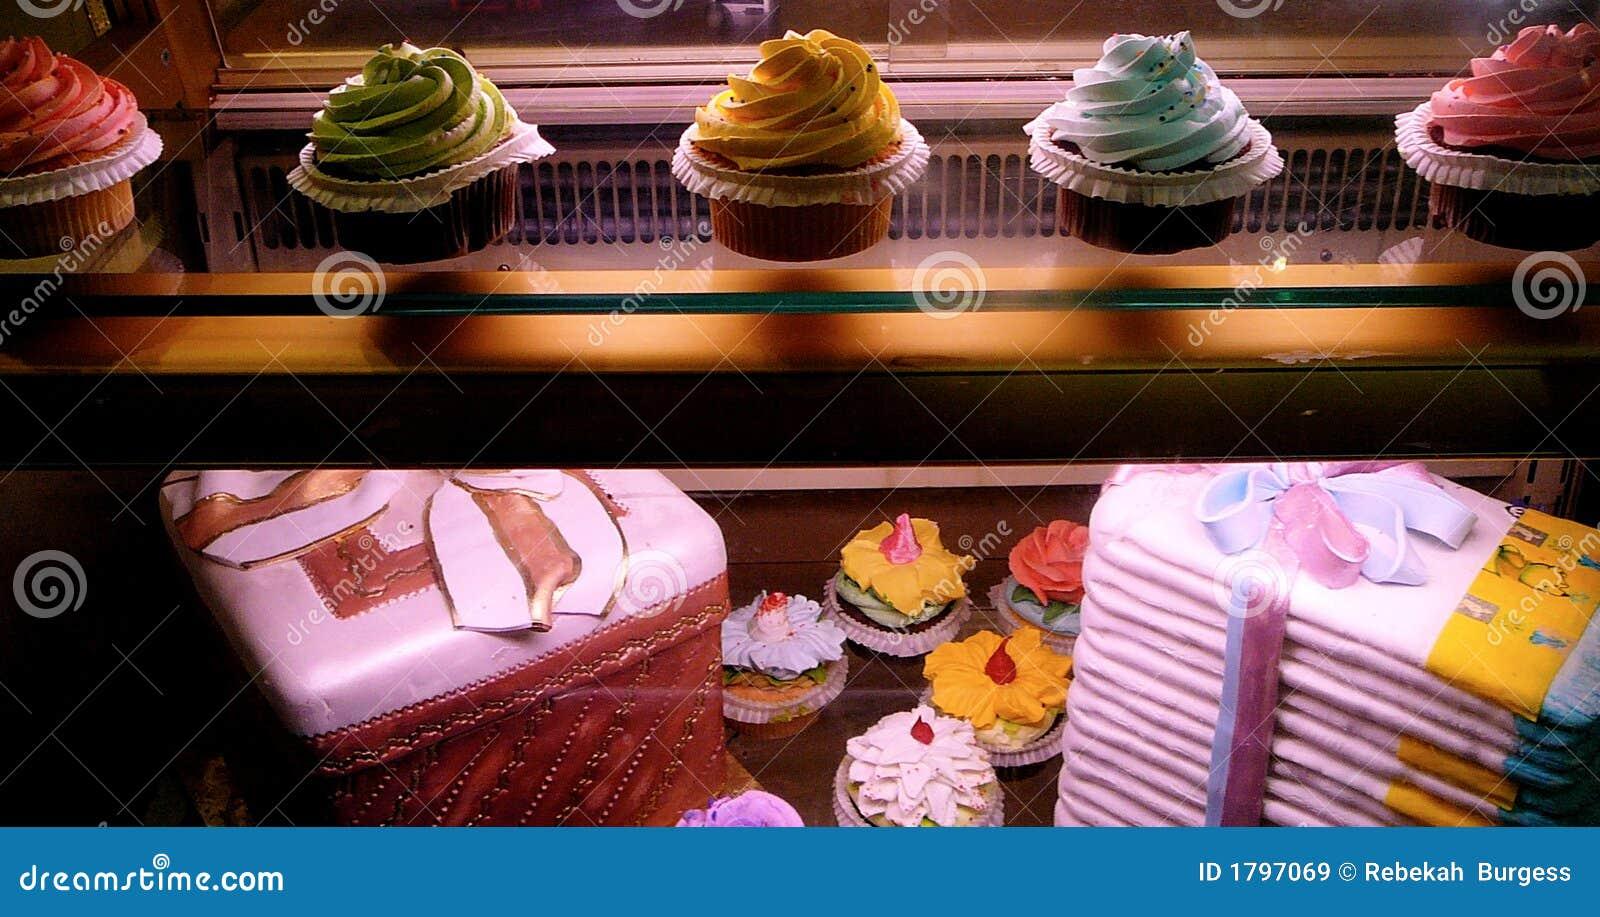 Gourmet Cupcake Display In Bakery Window Royalty Free